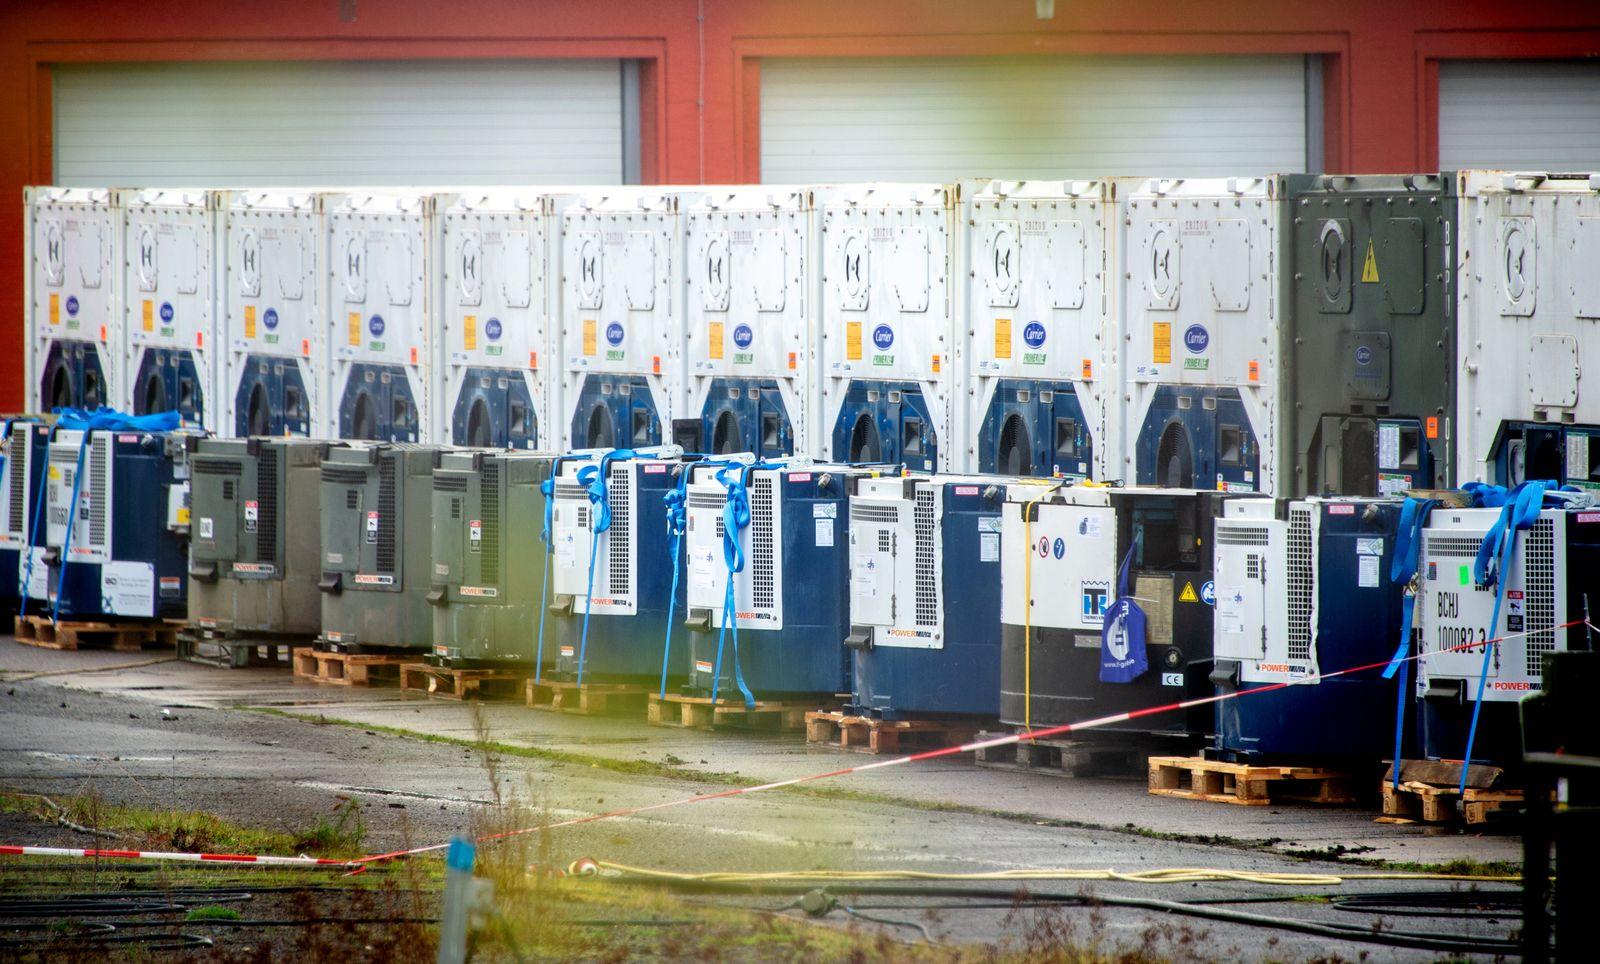 Kaserne in Norddeutschland soll zentrales Impfstofflager werden